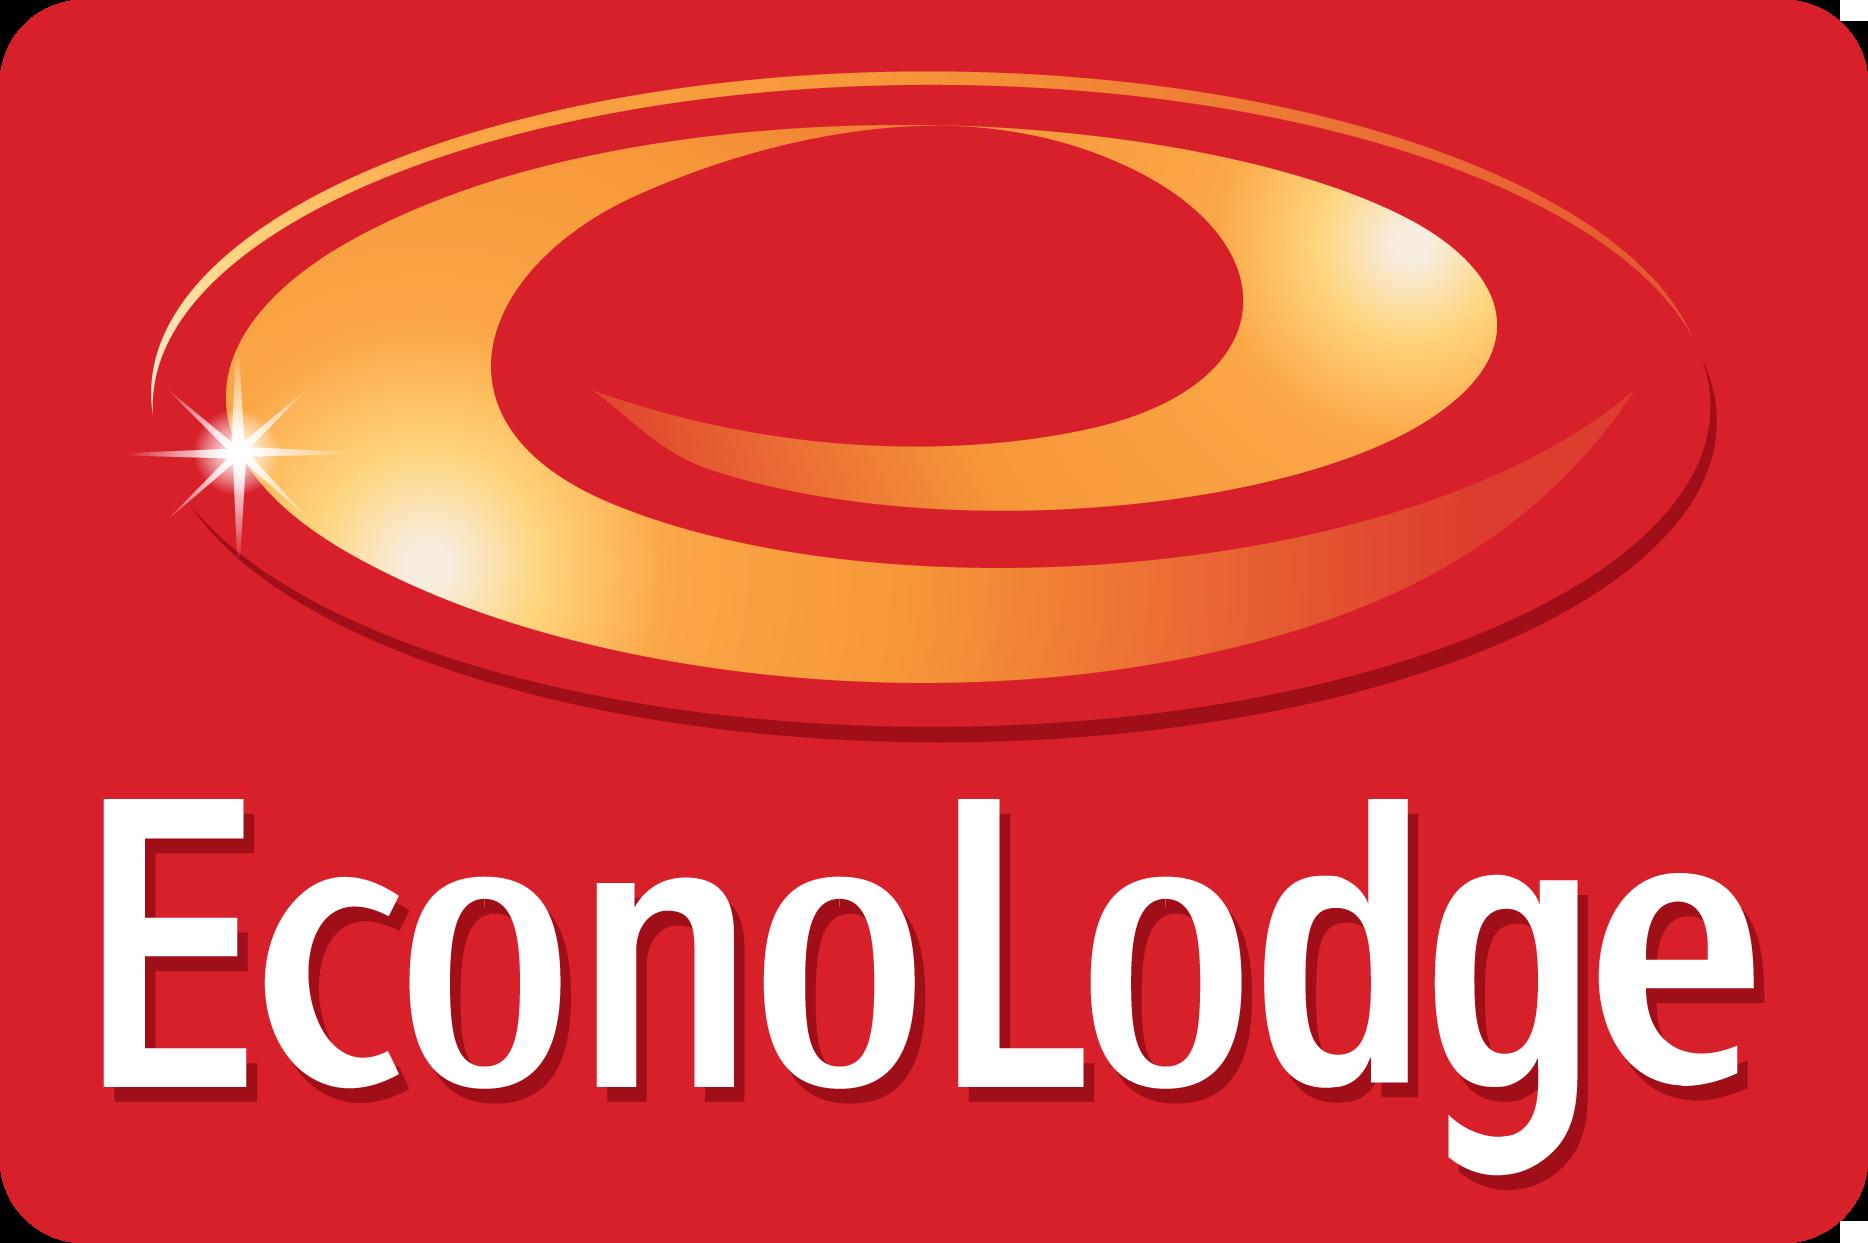 Inn clipart lodging Lodge Inn Econo Inn Lodge